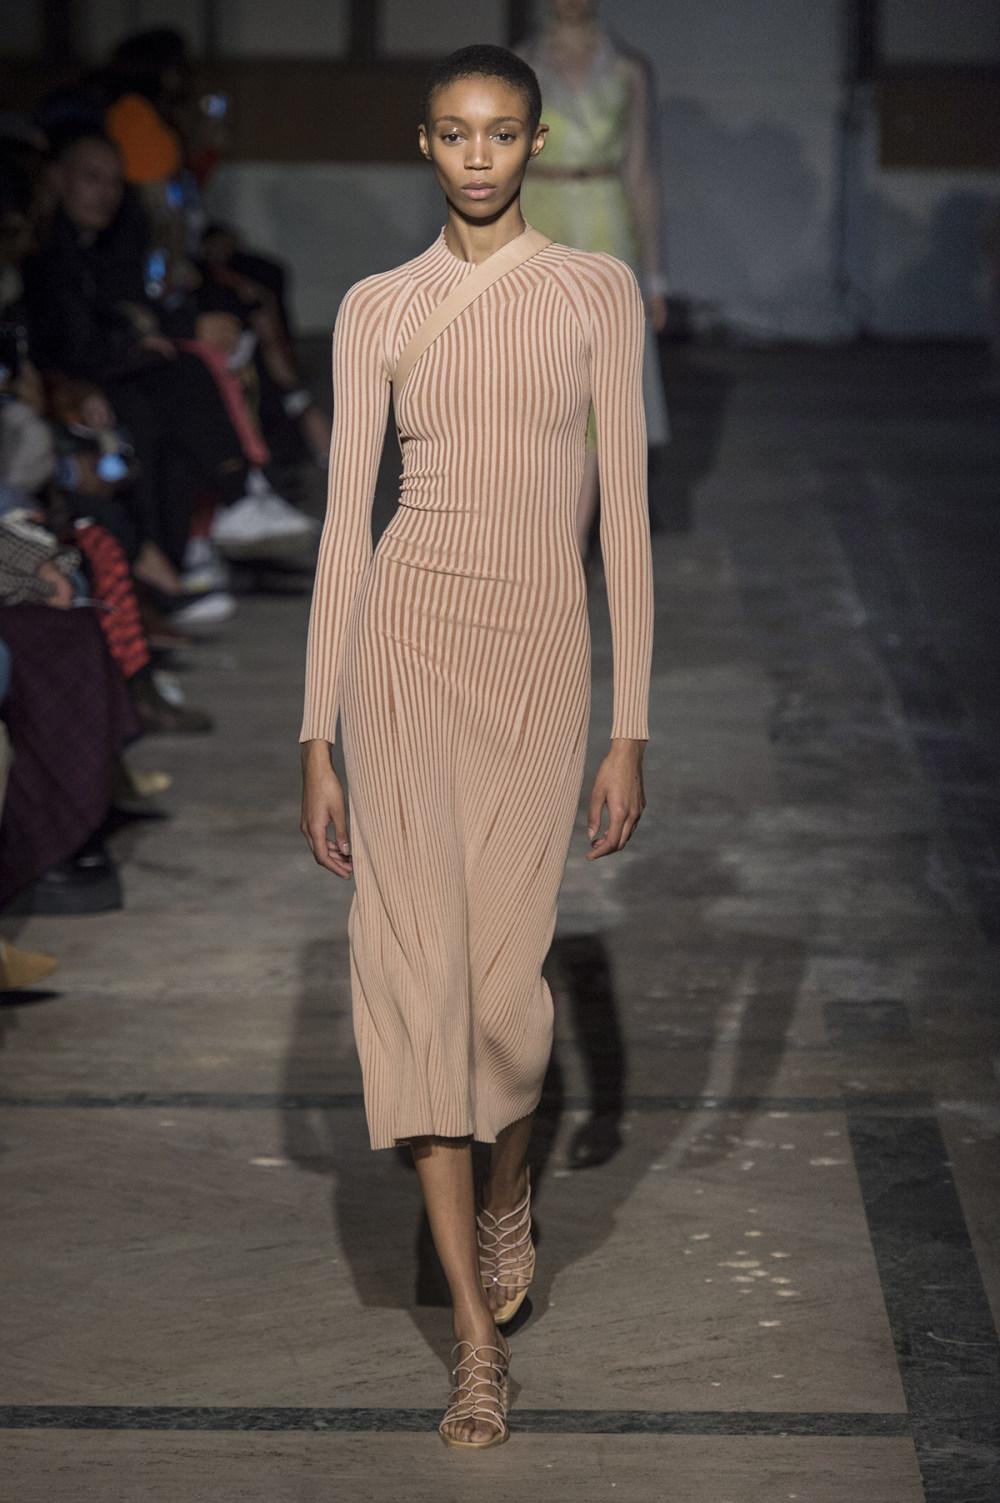 Dion Lee没有紧身衣的连衣裙被聚集或扭曲保持调色板的简约和奢华-21.jpg